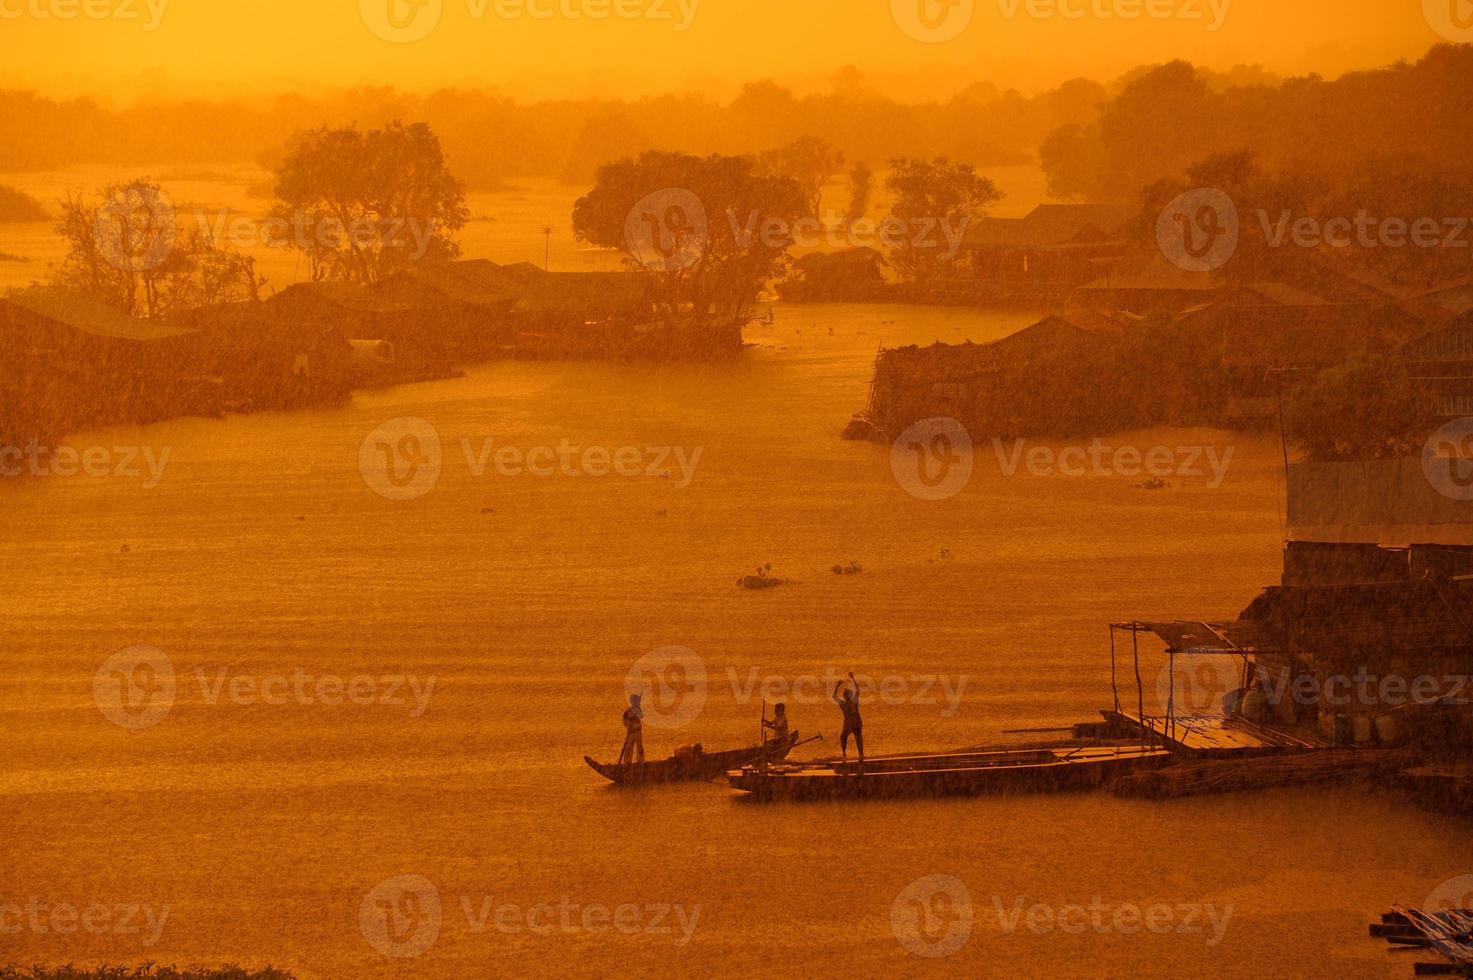 Tropical rain at sunset at the Tonle Sap Lake photo